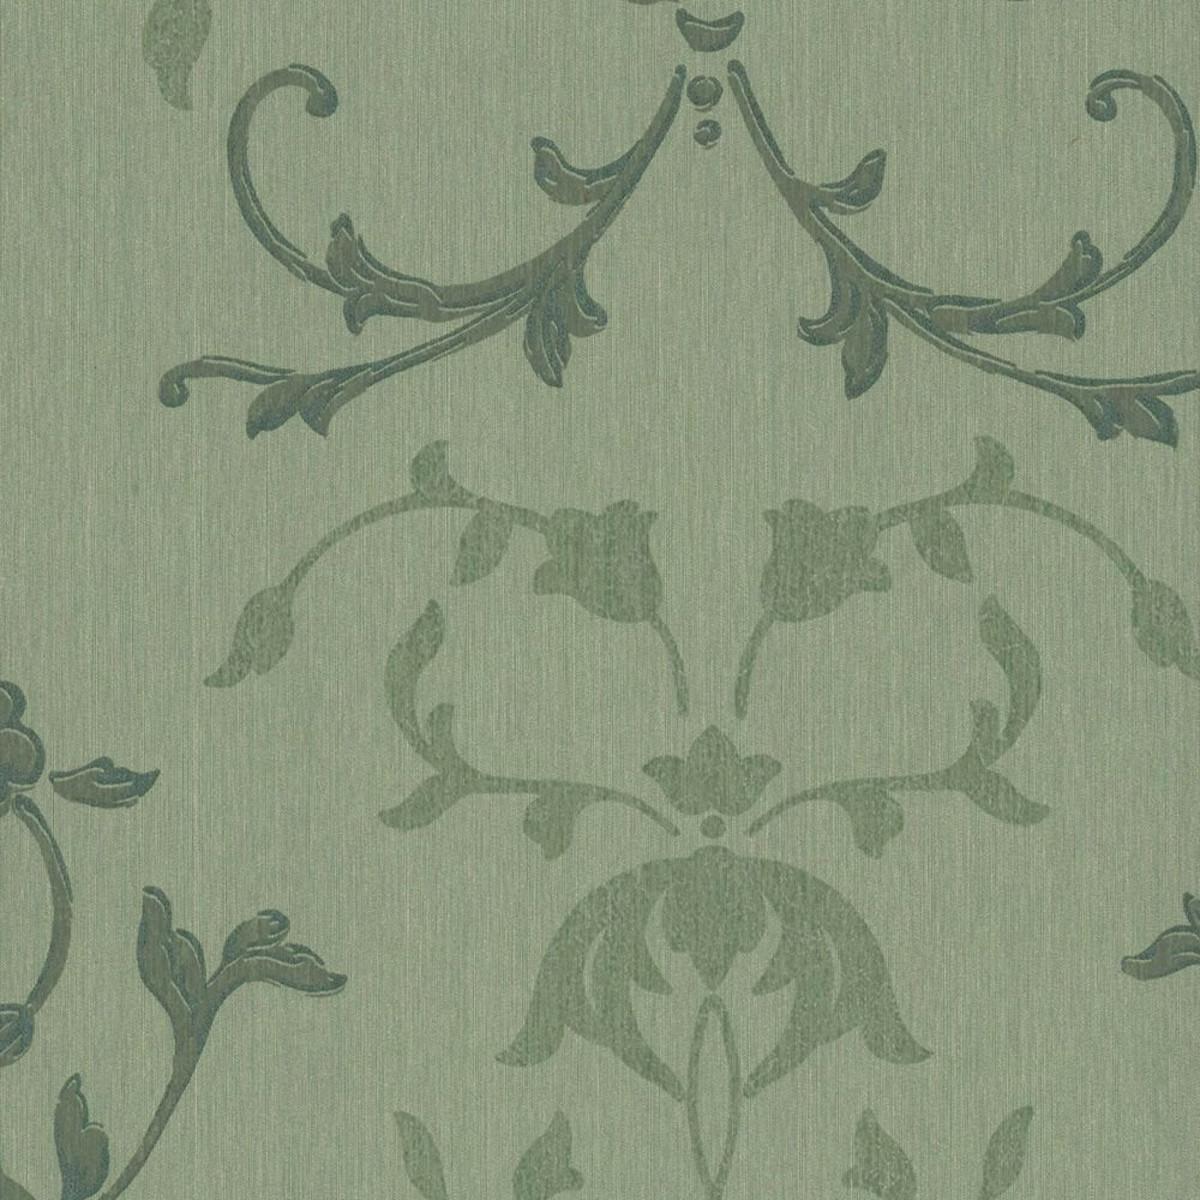 Обои текстильные Rasch Selected зеленые 0.53 м 79578